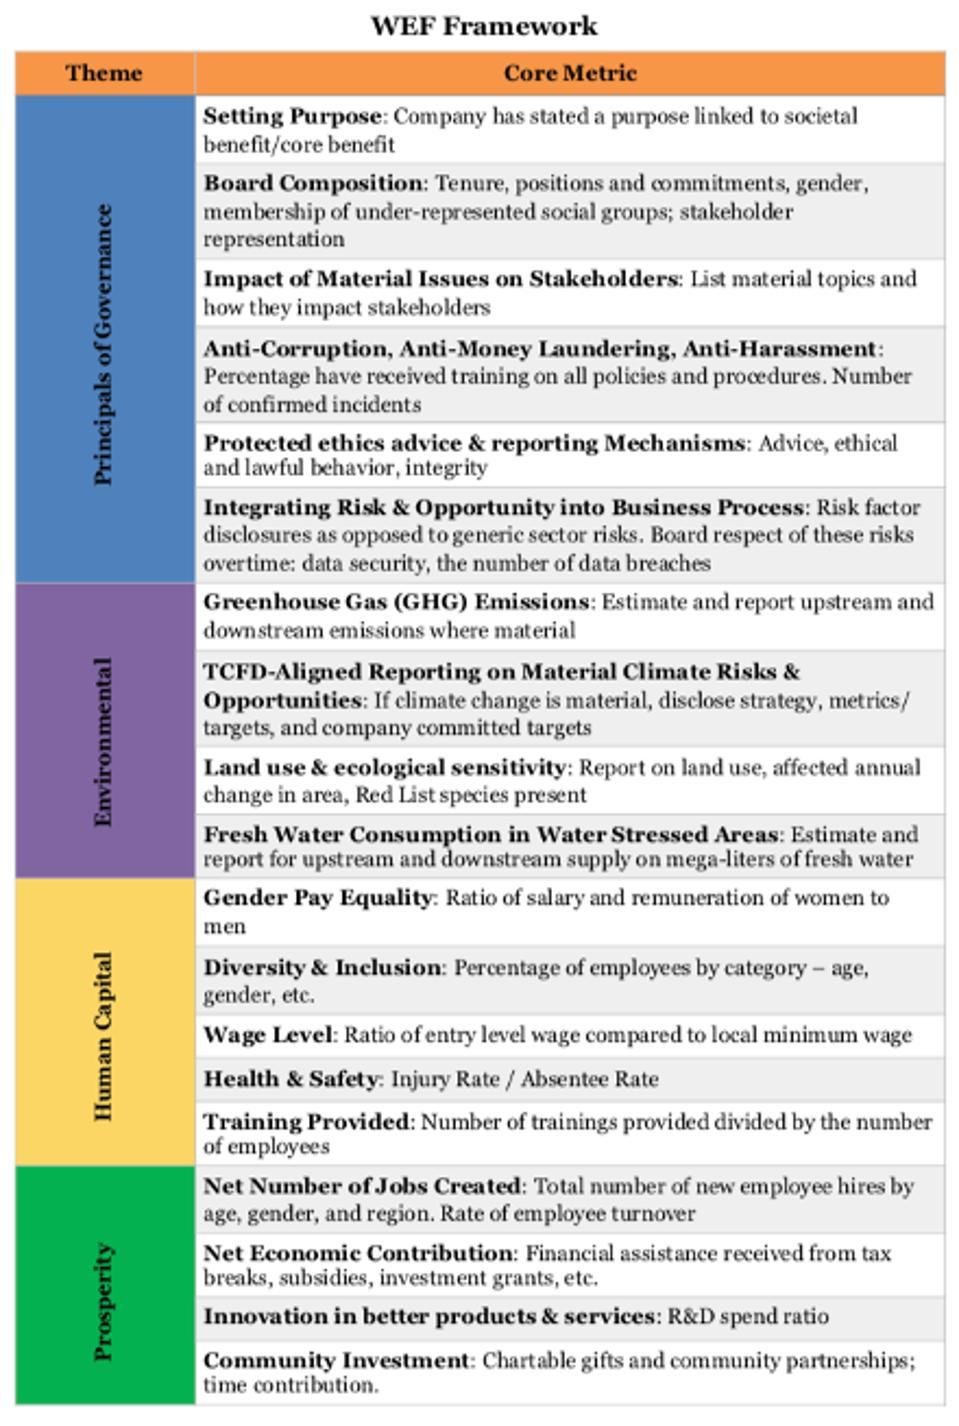 WEF Framework